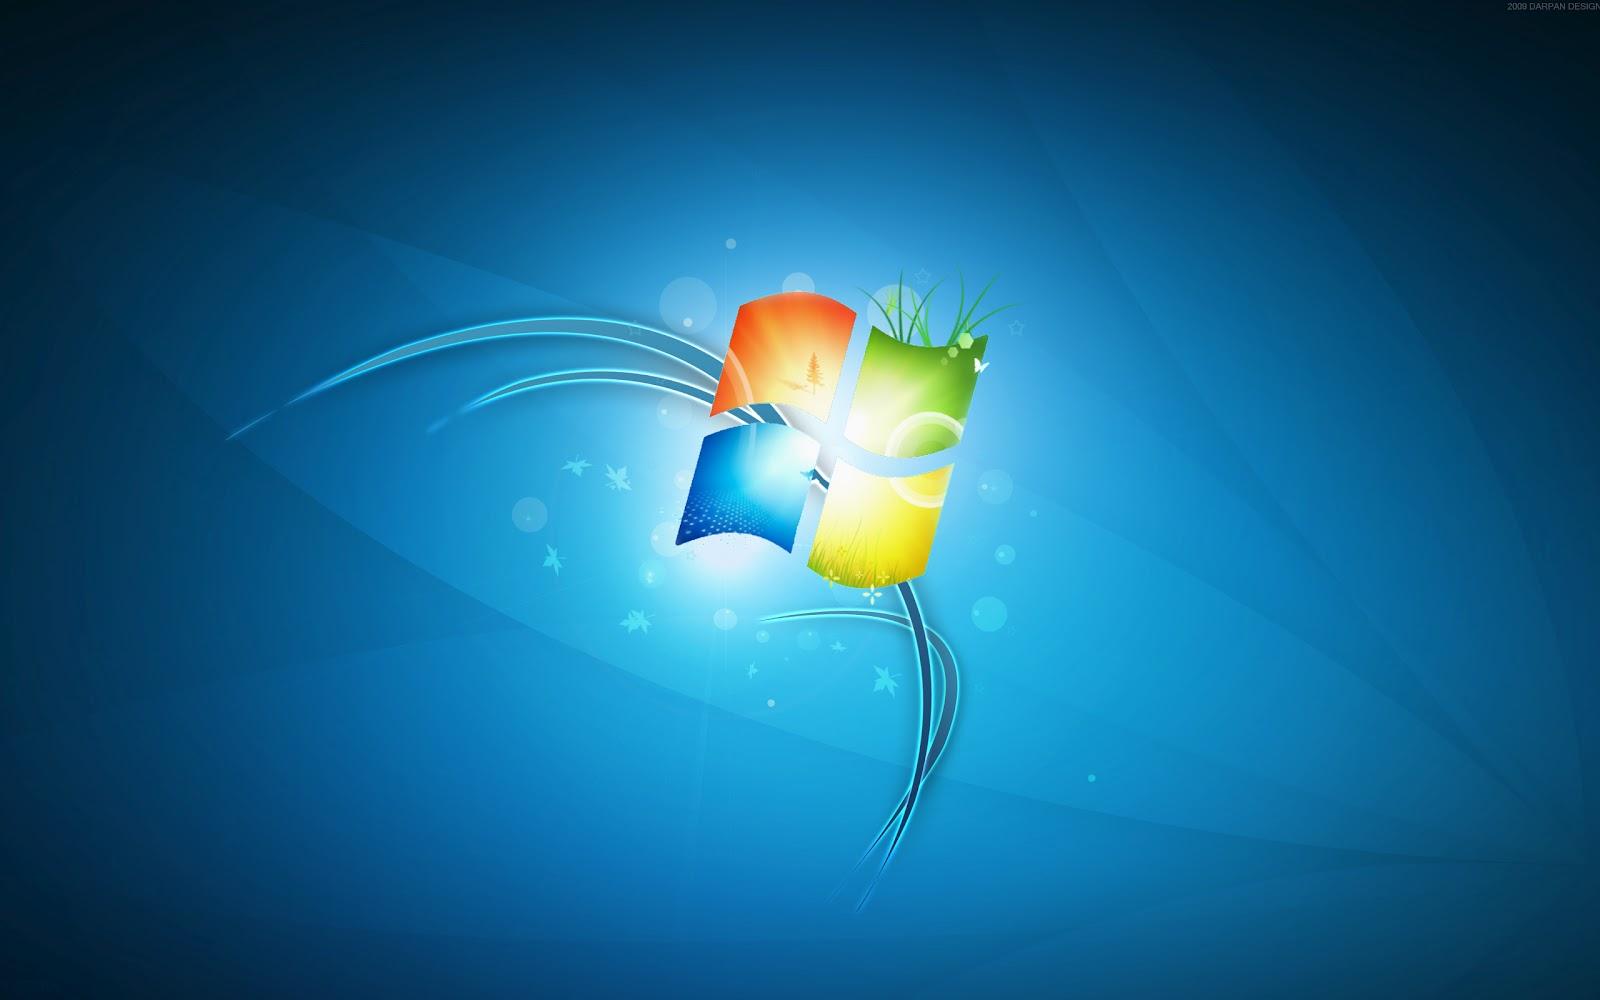 HD Wallpapers: Window 7 Hd Wallpaper Free Download